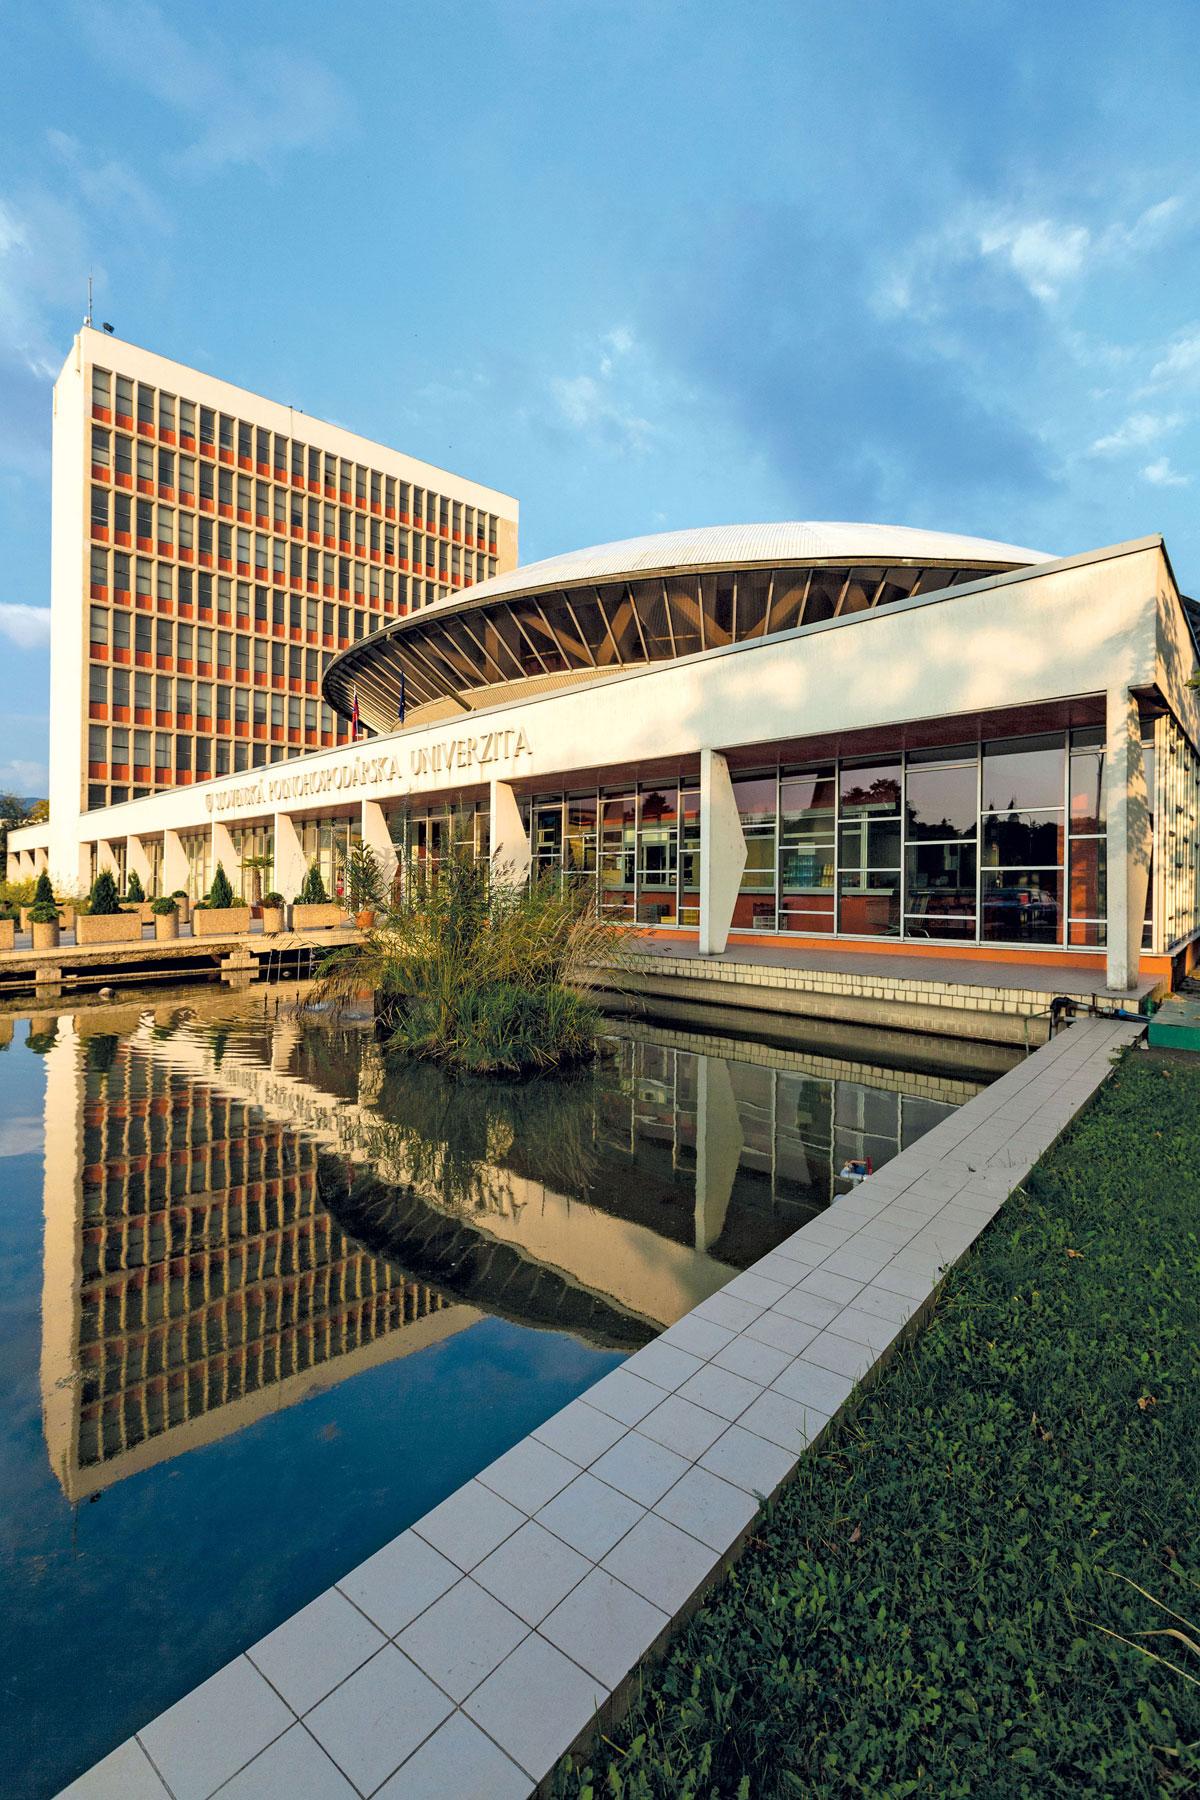 Ikonu slovenskej architektúry 60. rokov areál Slovenskej poľnohospodárskej univerzity v Nitre (1965), navrhli Vladimír Dedeček a Rudolf Miňovský .